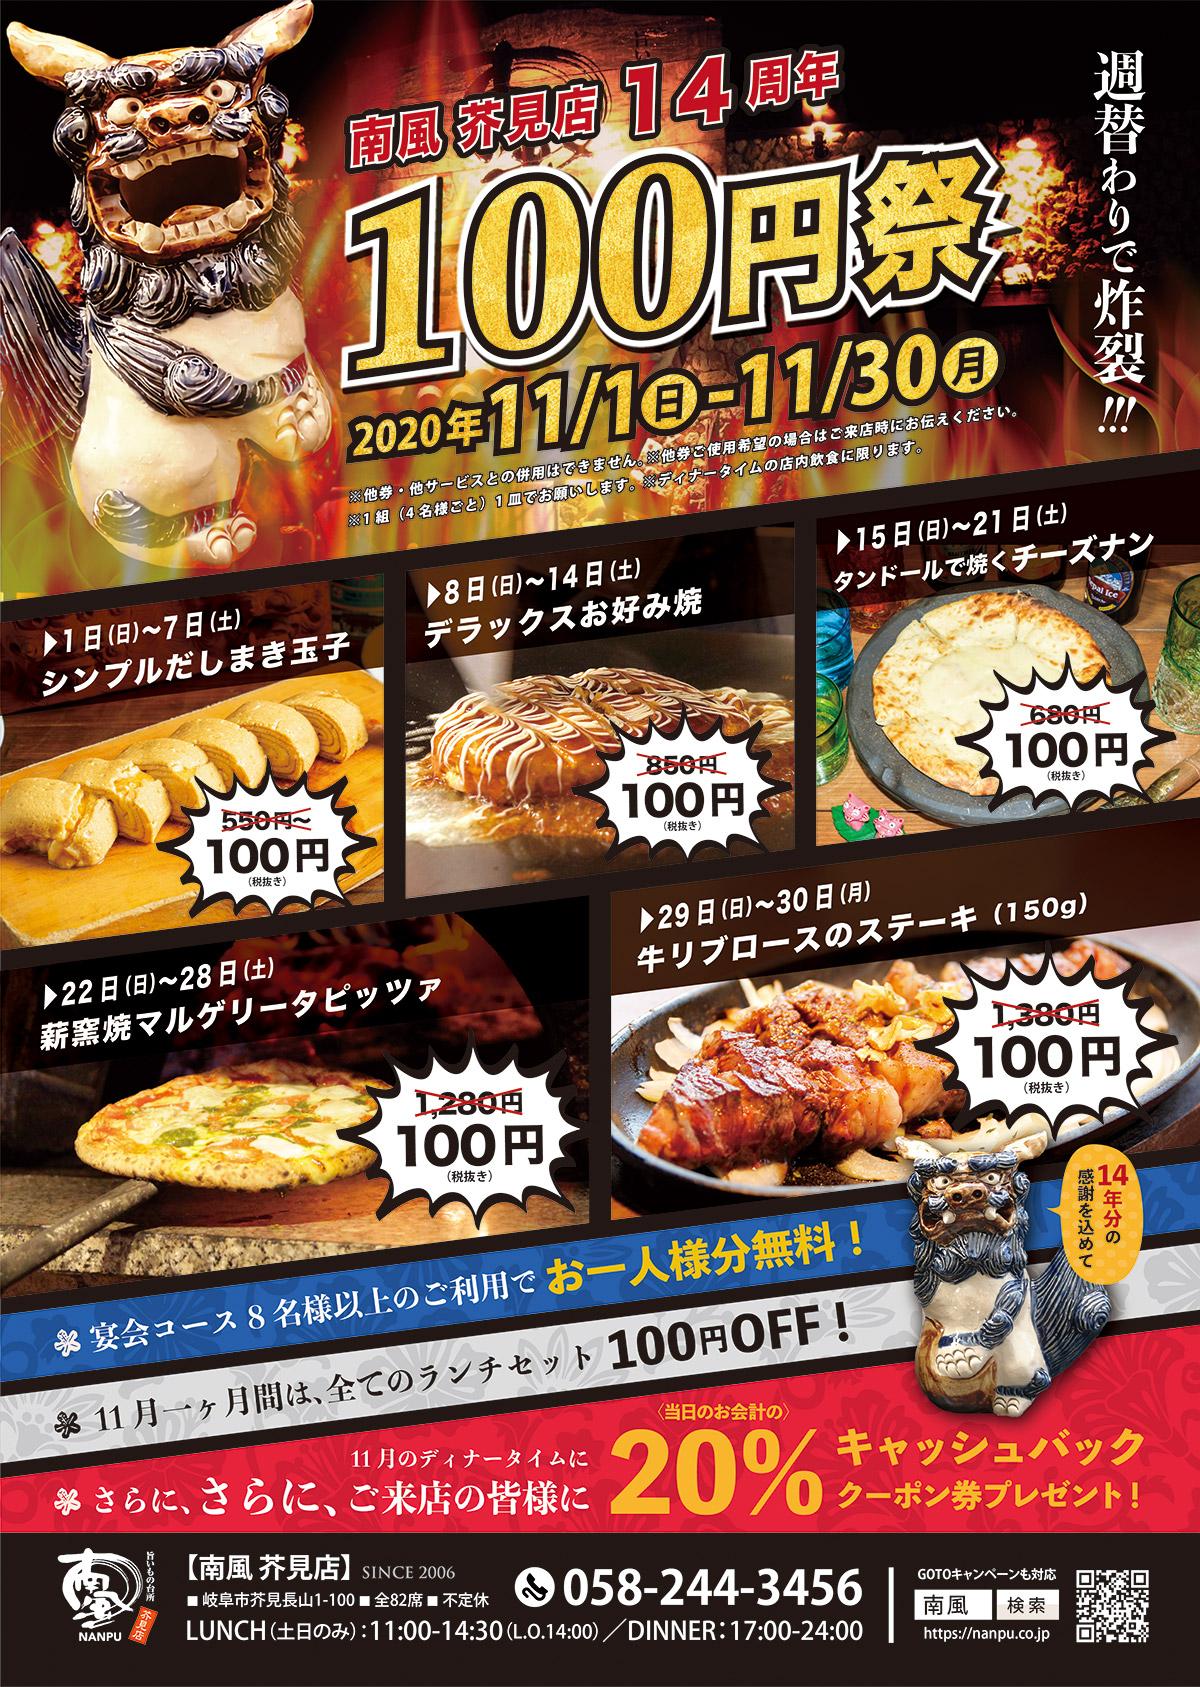 南風芥見店14周年『100円円祭』